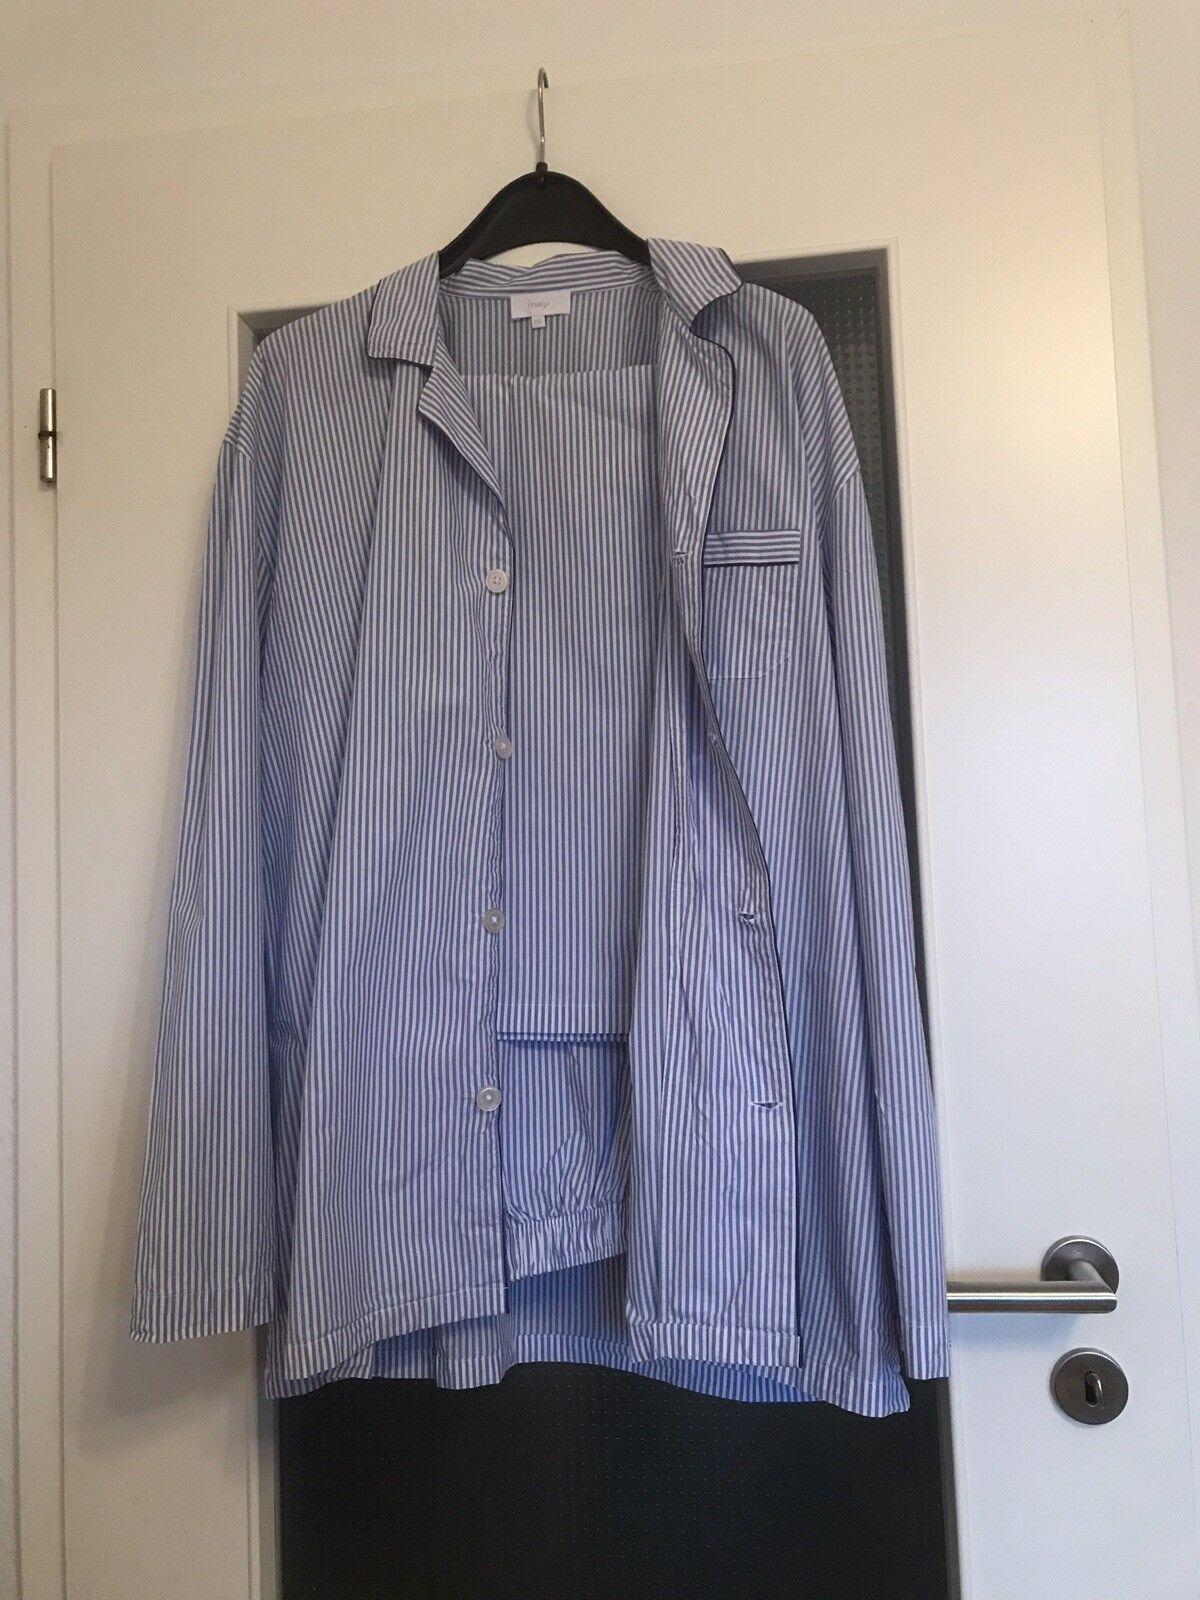 MEY Club Schlafanzug lang, Gr.56 (XXL), Farbe: Blau Celeste, 100% Baumwolle